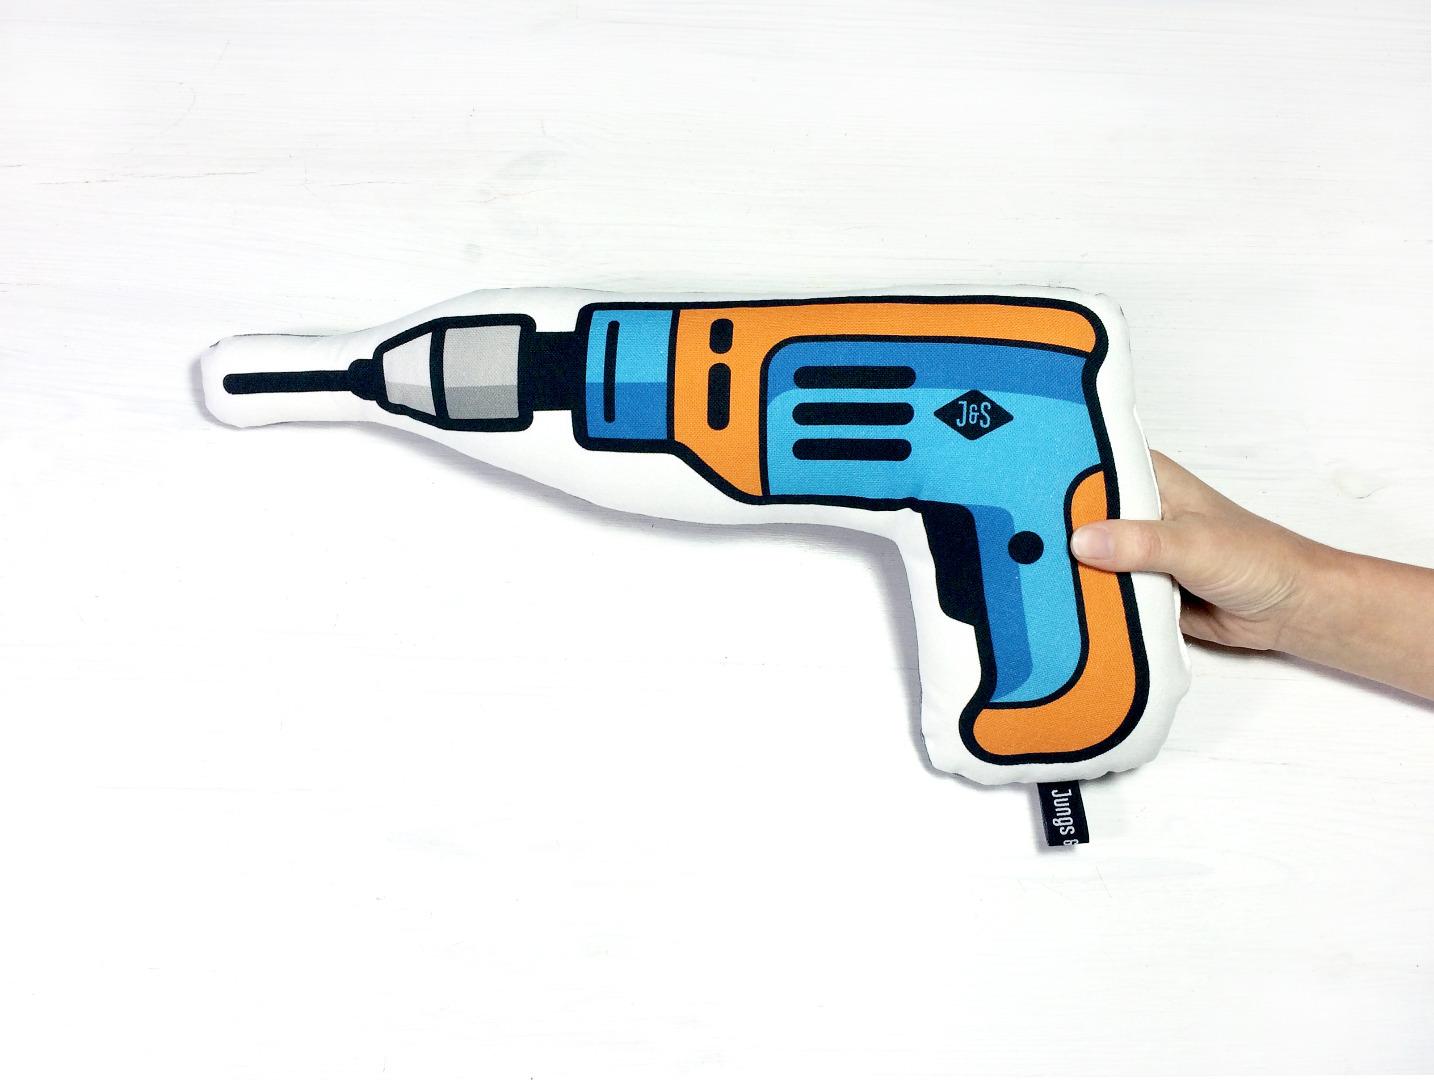 Kissen Bohrmaschine in blau-orange